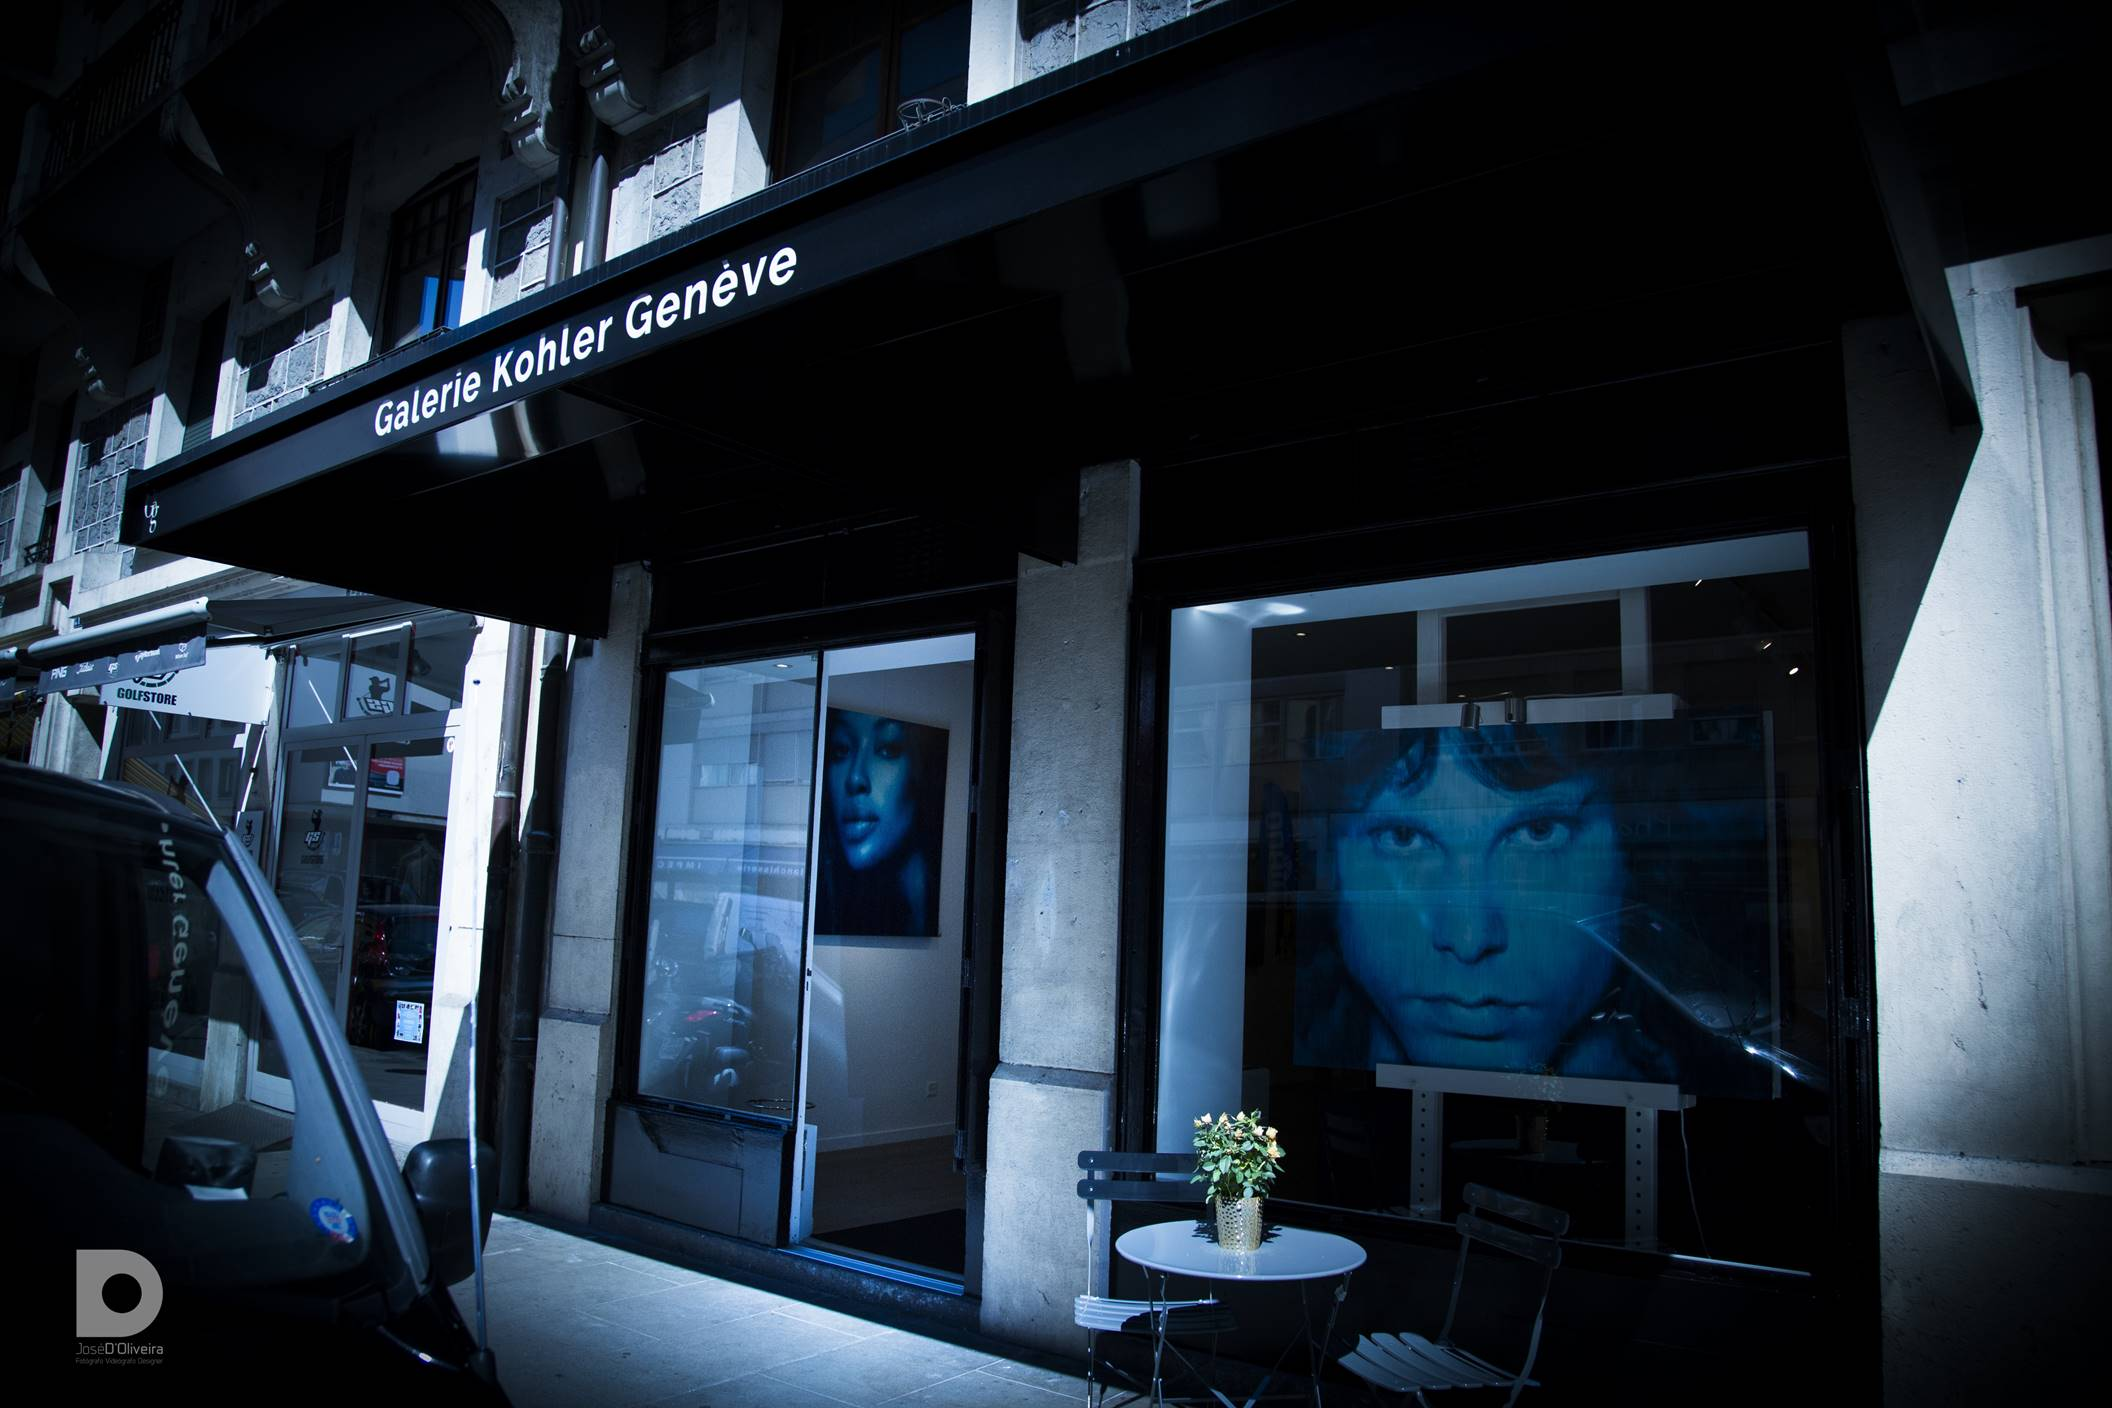 Galerie Kohler Genève